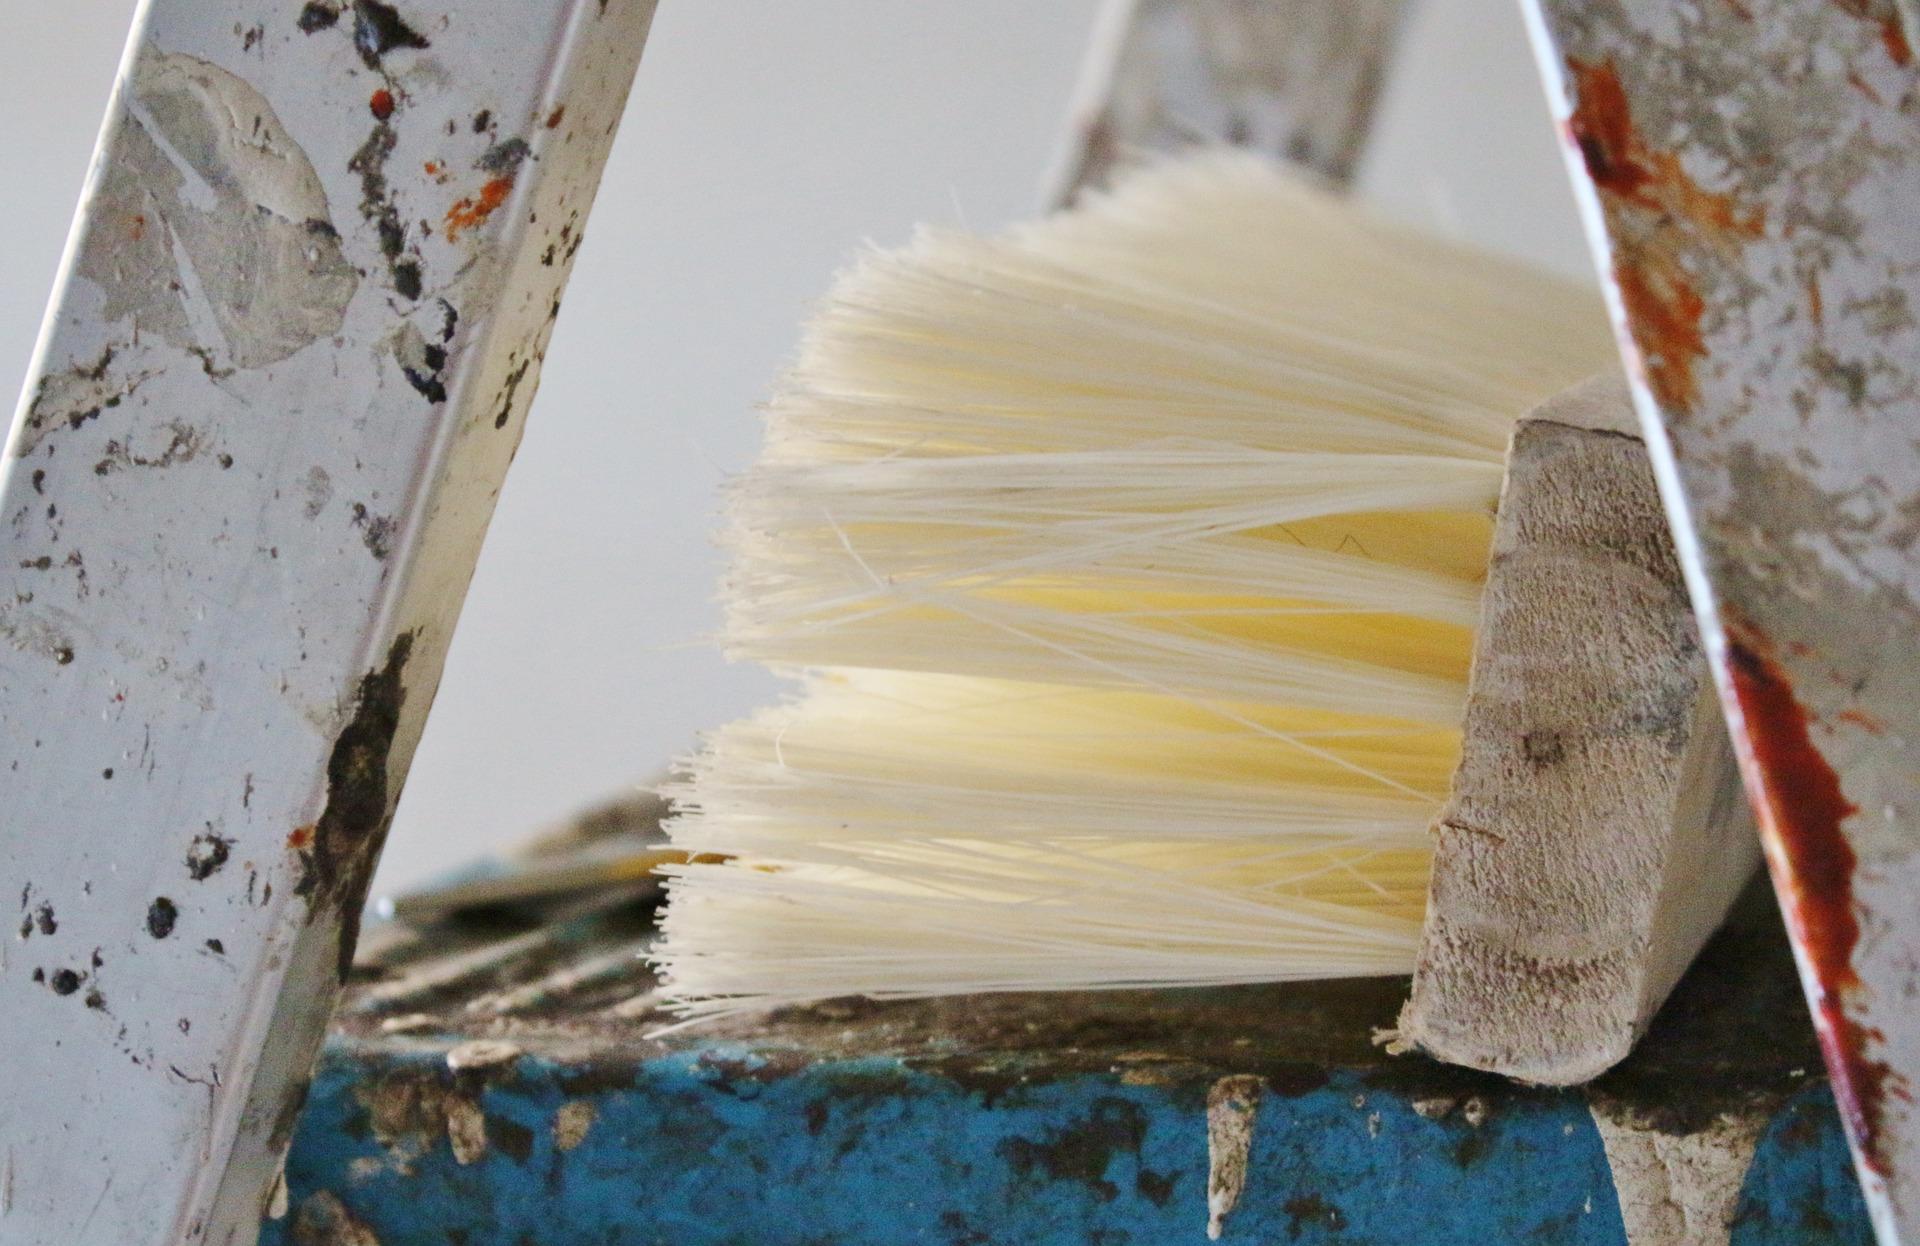 Kosten für Tapezierarbeiten und fürs Tapezieren durch professionelle Tapezierer vorher vergleichen. Tapeten kleben Kosten